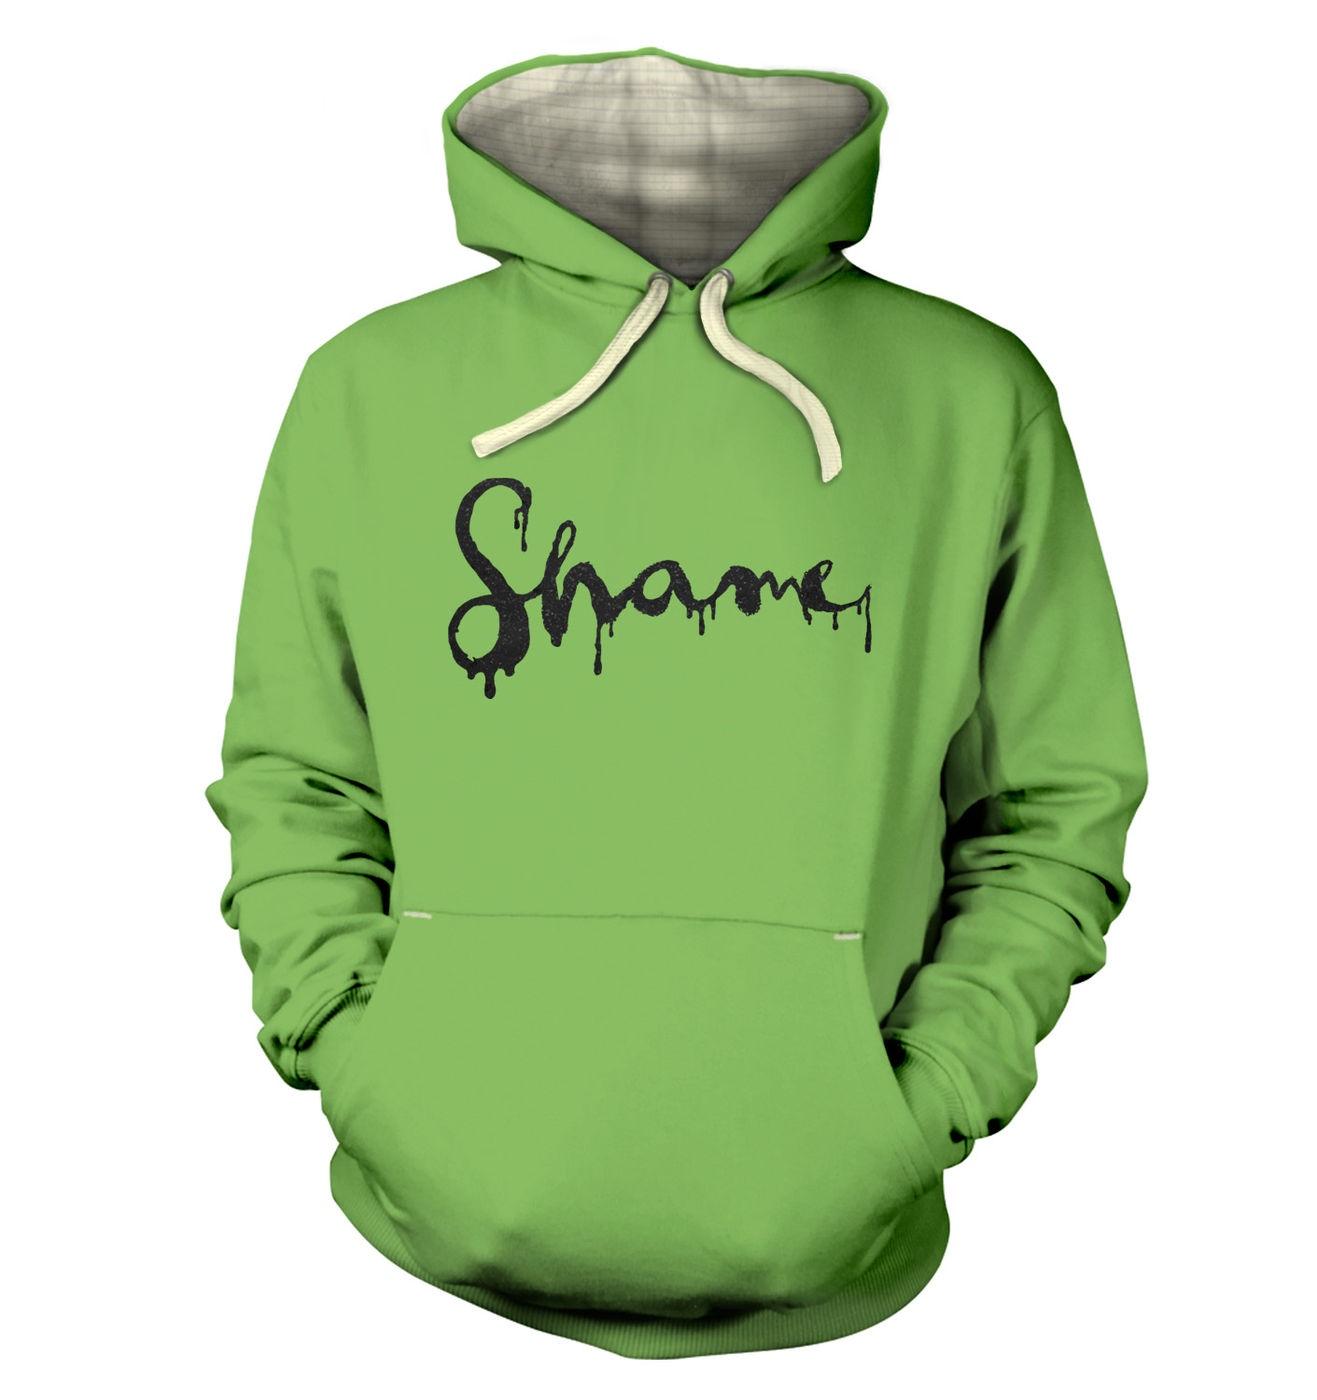 Shame premium hoodie by Something Geeky